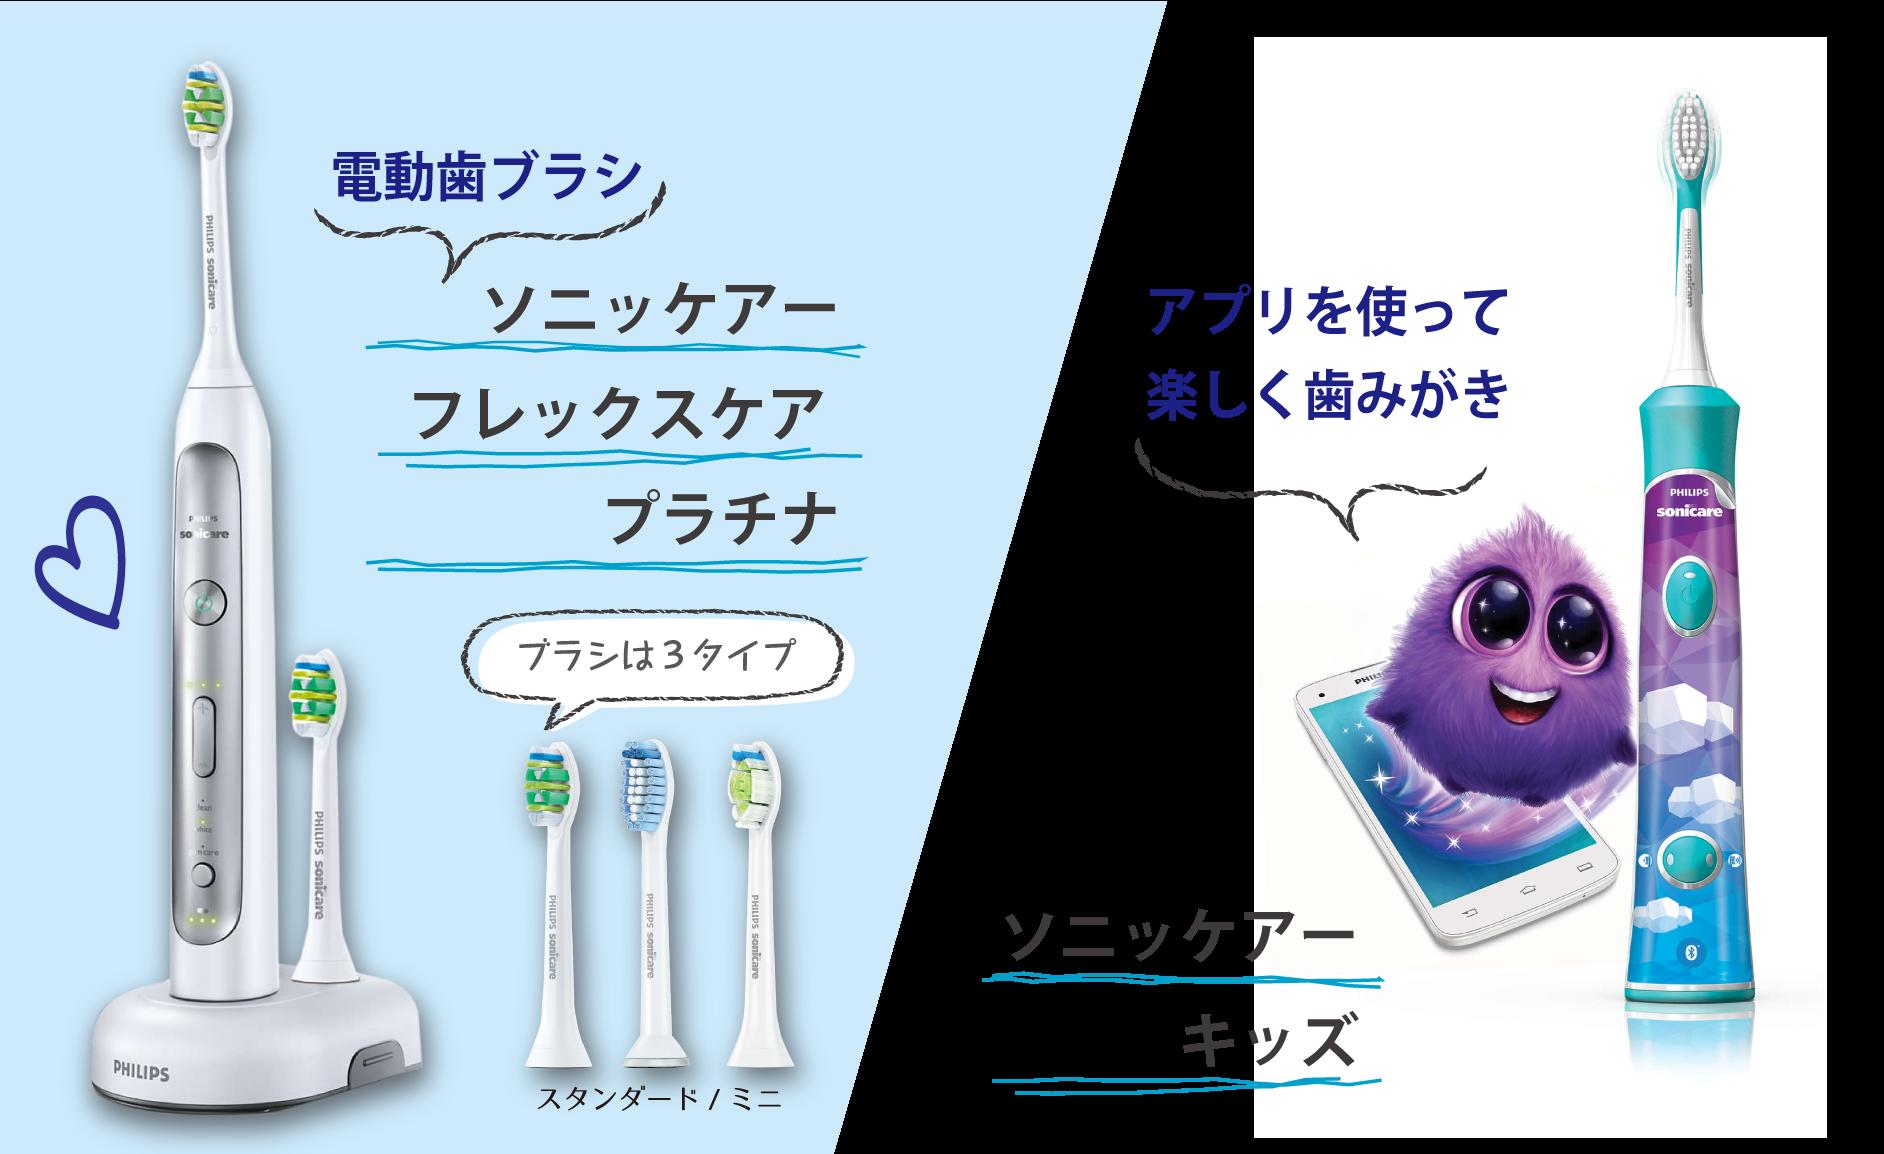 ソニッケア商品の紹介